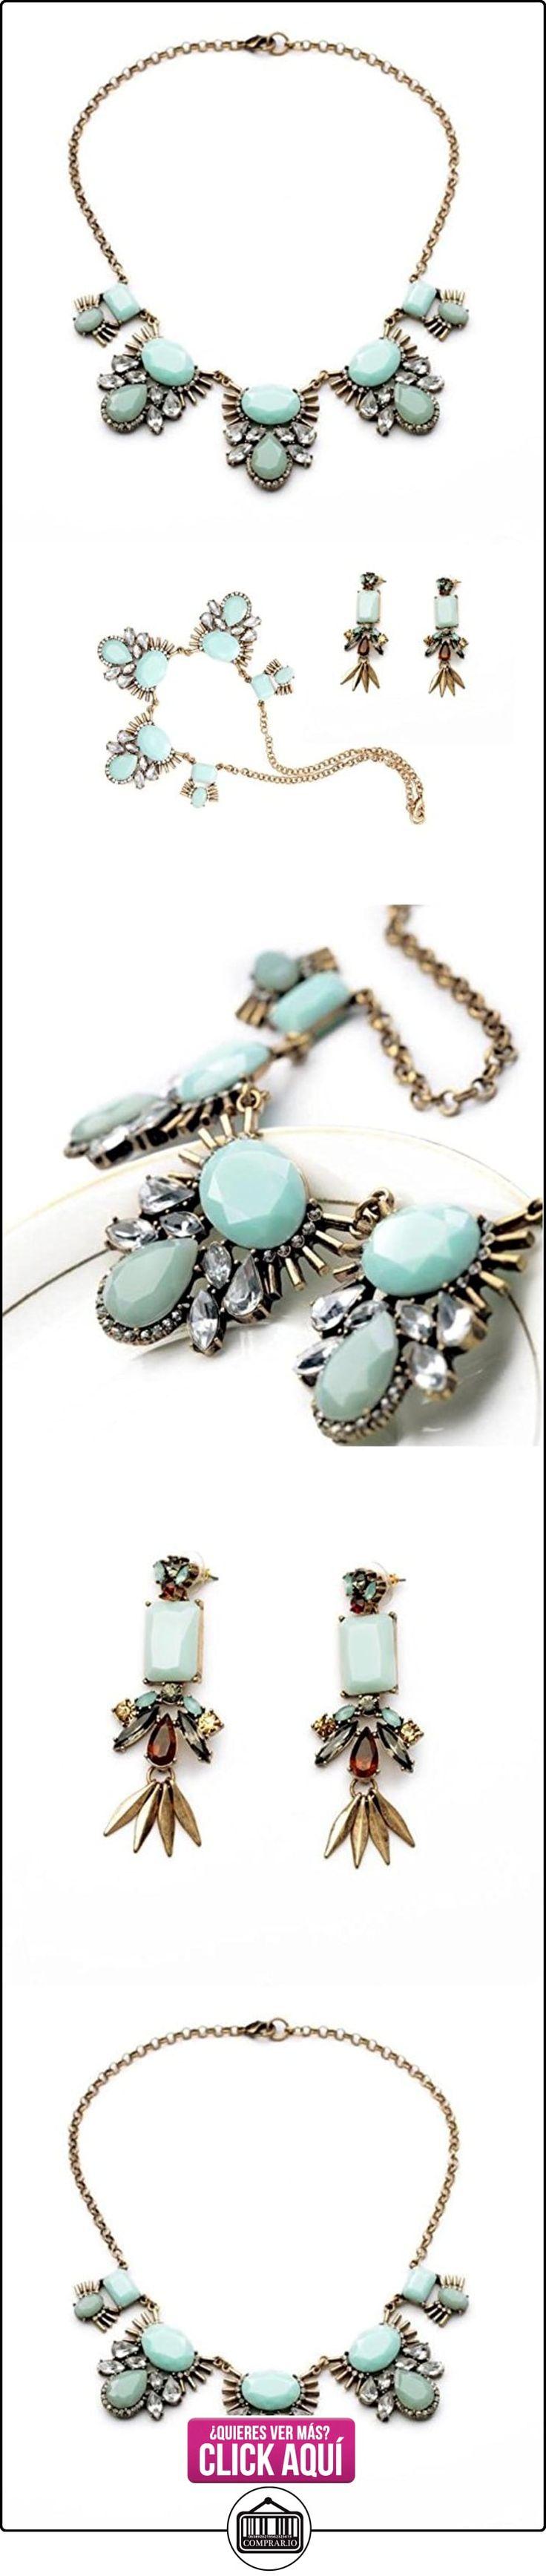 Collar gargantilla ajustada, color verde menta, conjunto de joyería de moda para mujer  ✿ Joyas para mujer - Las mejores ofertas ✿ ▬► Ver oferta: https://comprar.io/goto/B01ANDRUXI